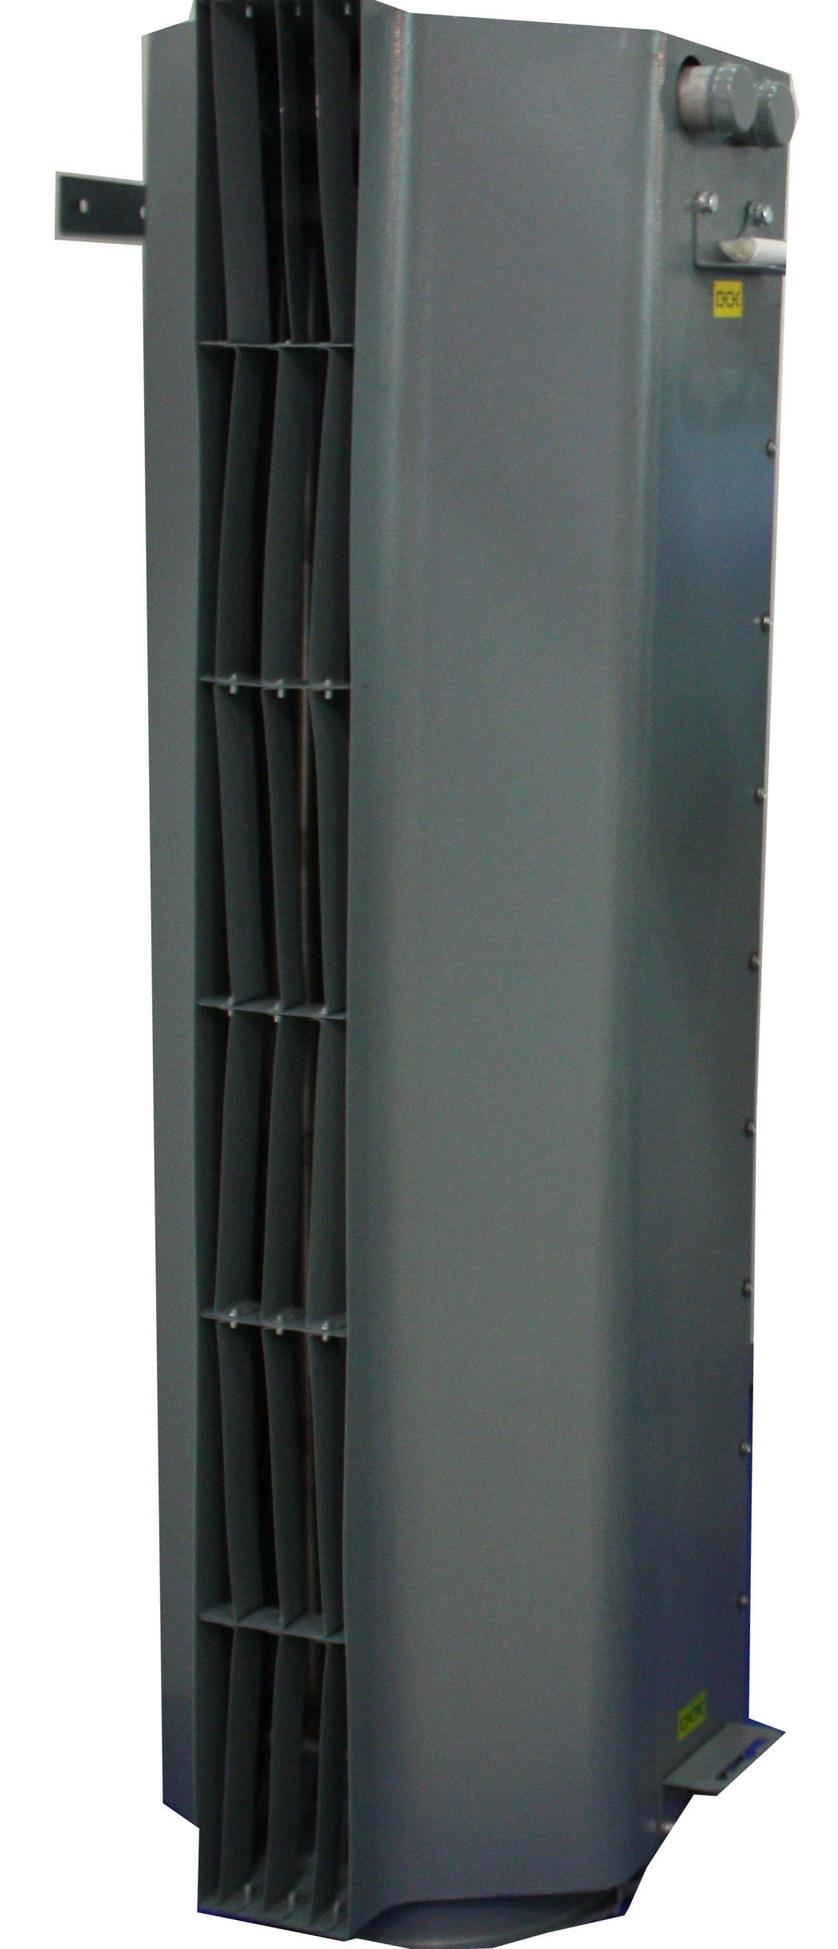 Тепловая завеса ТПЗ-2400 с производительностью по воздуху 14000 м3/час